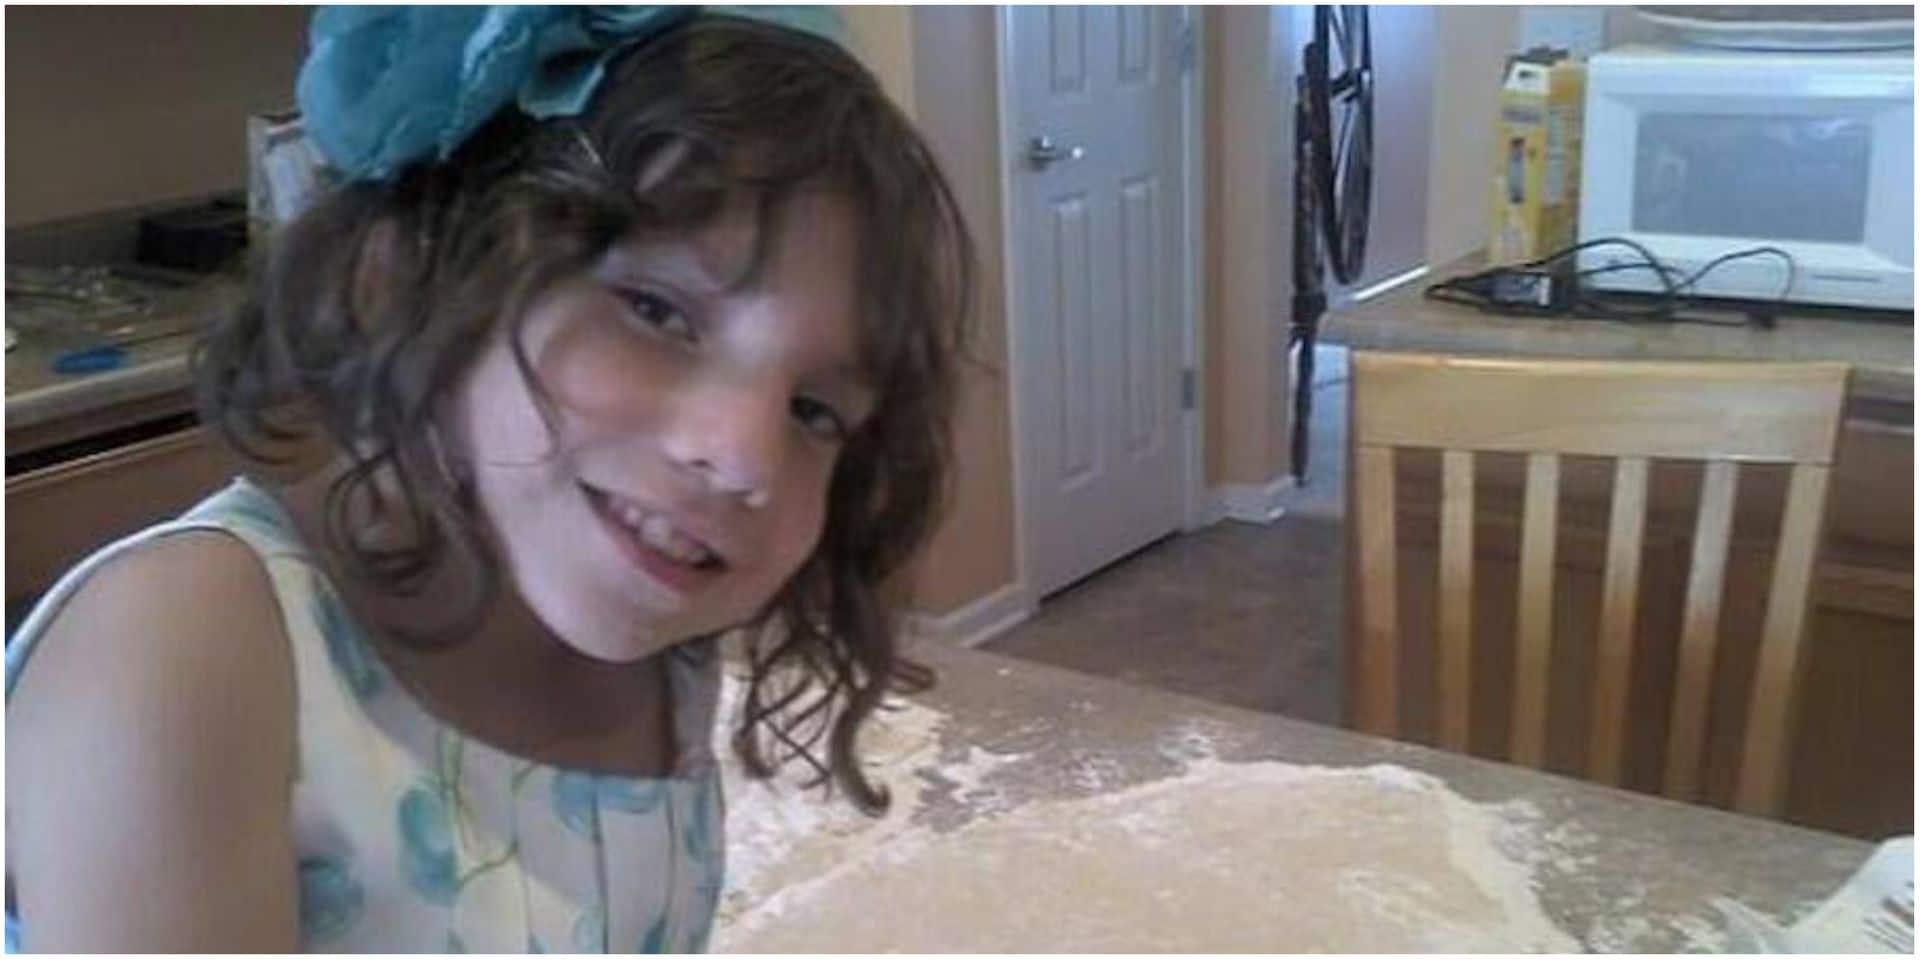 Natalia, la naine sociopathe de 22 ans aux envies meurtrière aurait retrouvé une famille d'accueil